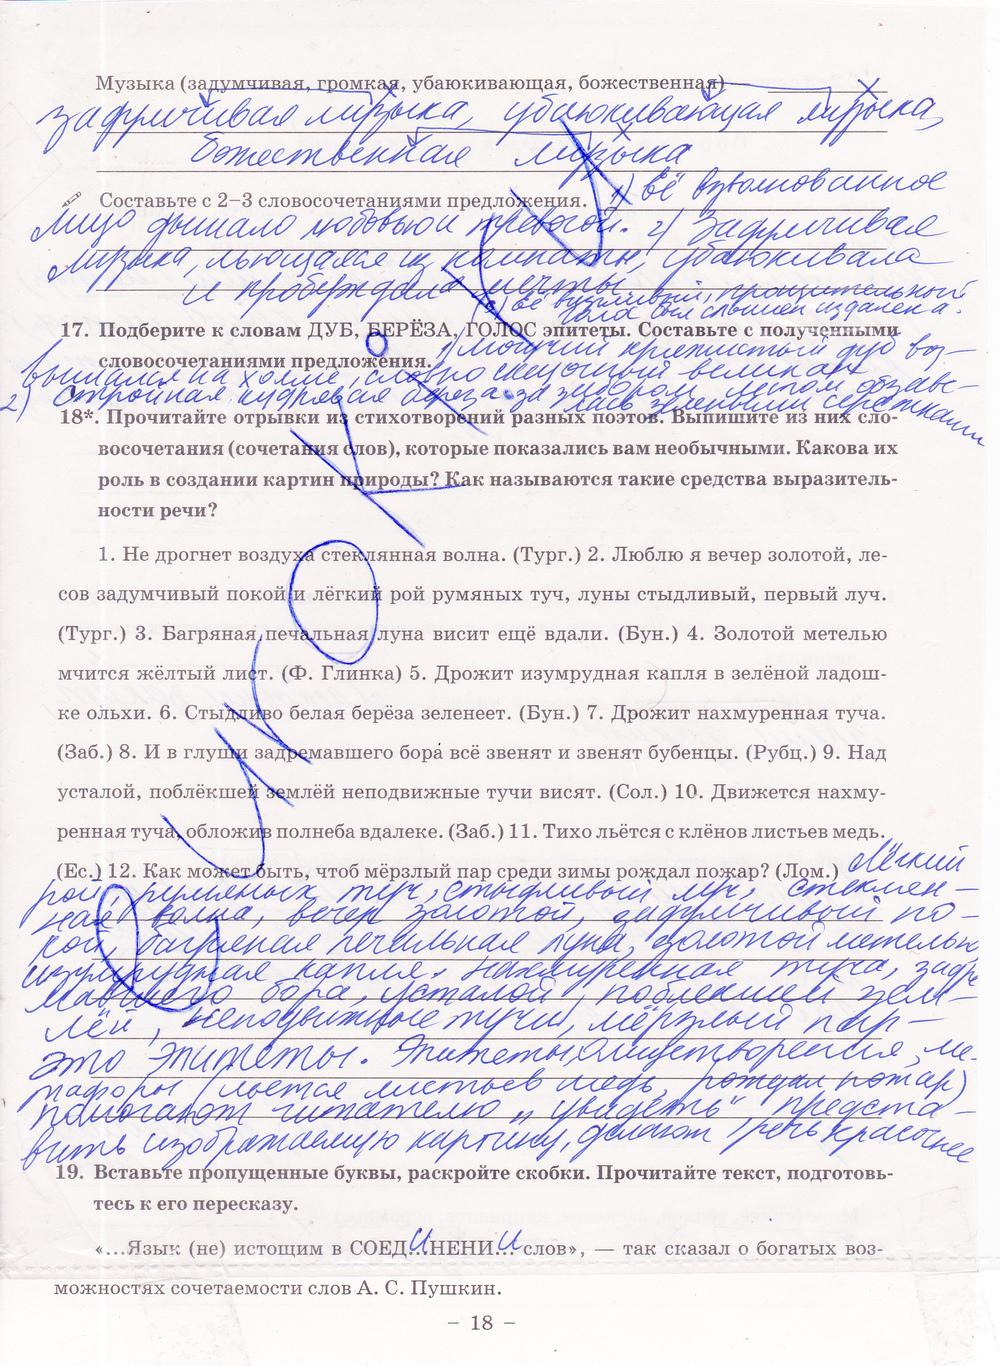 ГДЗ по русскому языку 8 класс рабочая тетрадь Богданова Часть 1, 2. Задание: стр. 18